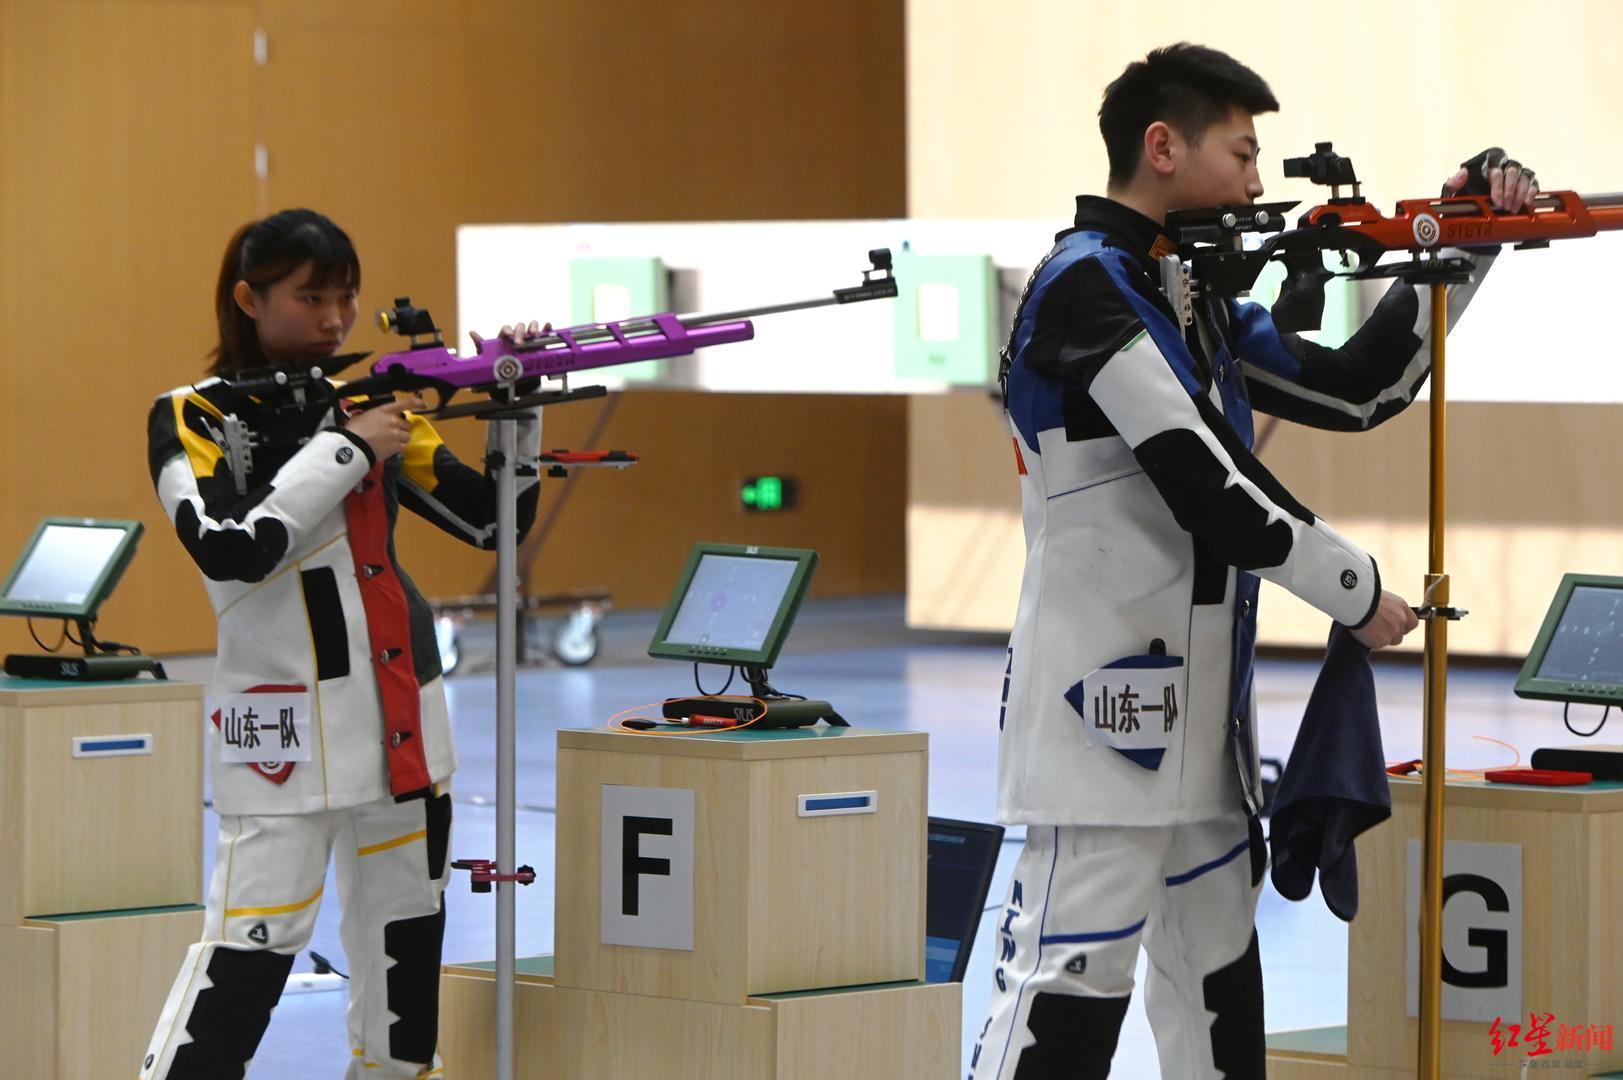 全国射击锦标赛:山东队包揽今日两枚金牌,国家一队仅获一枚铜牌